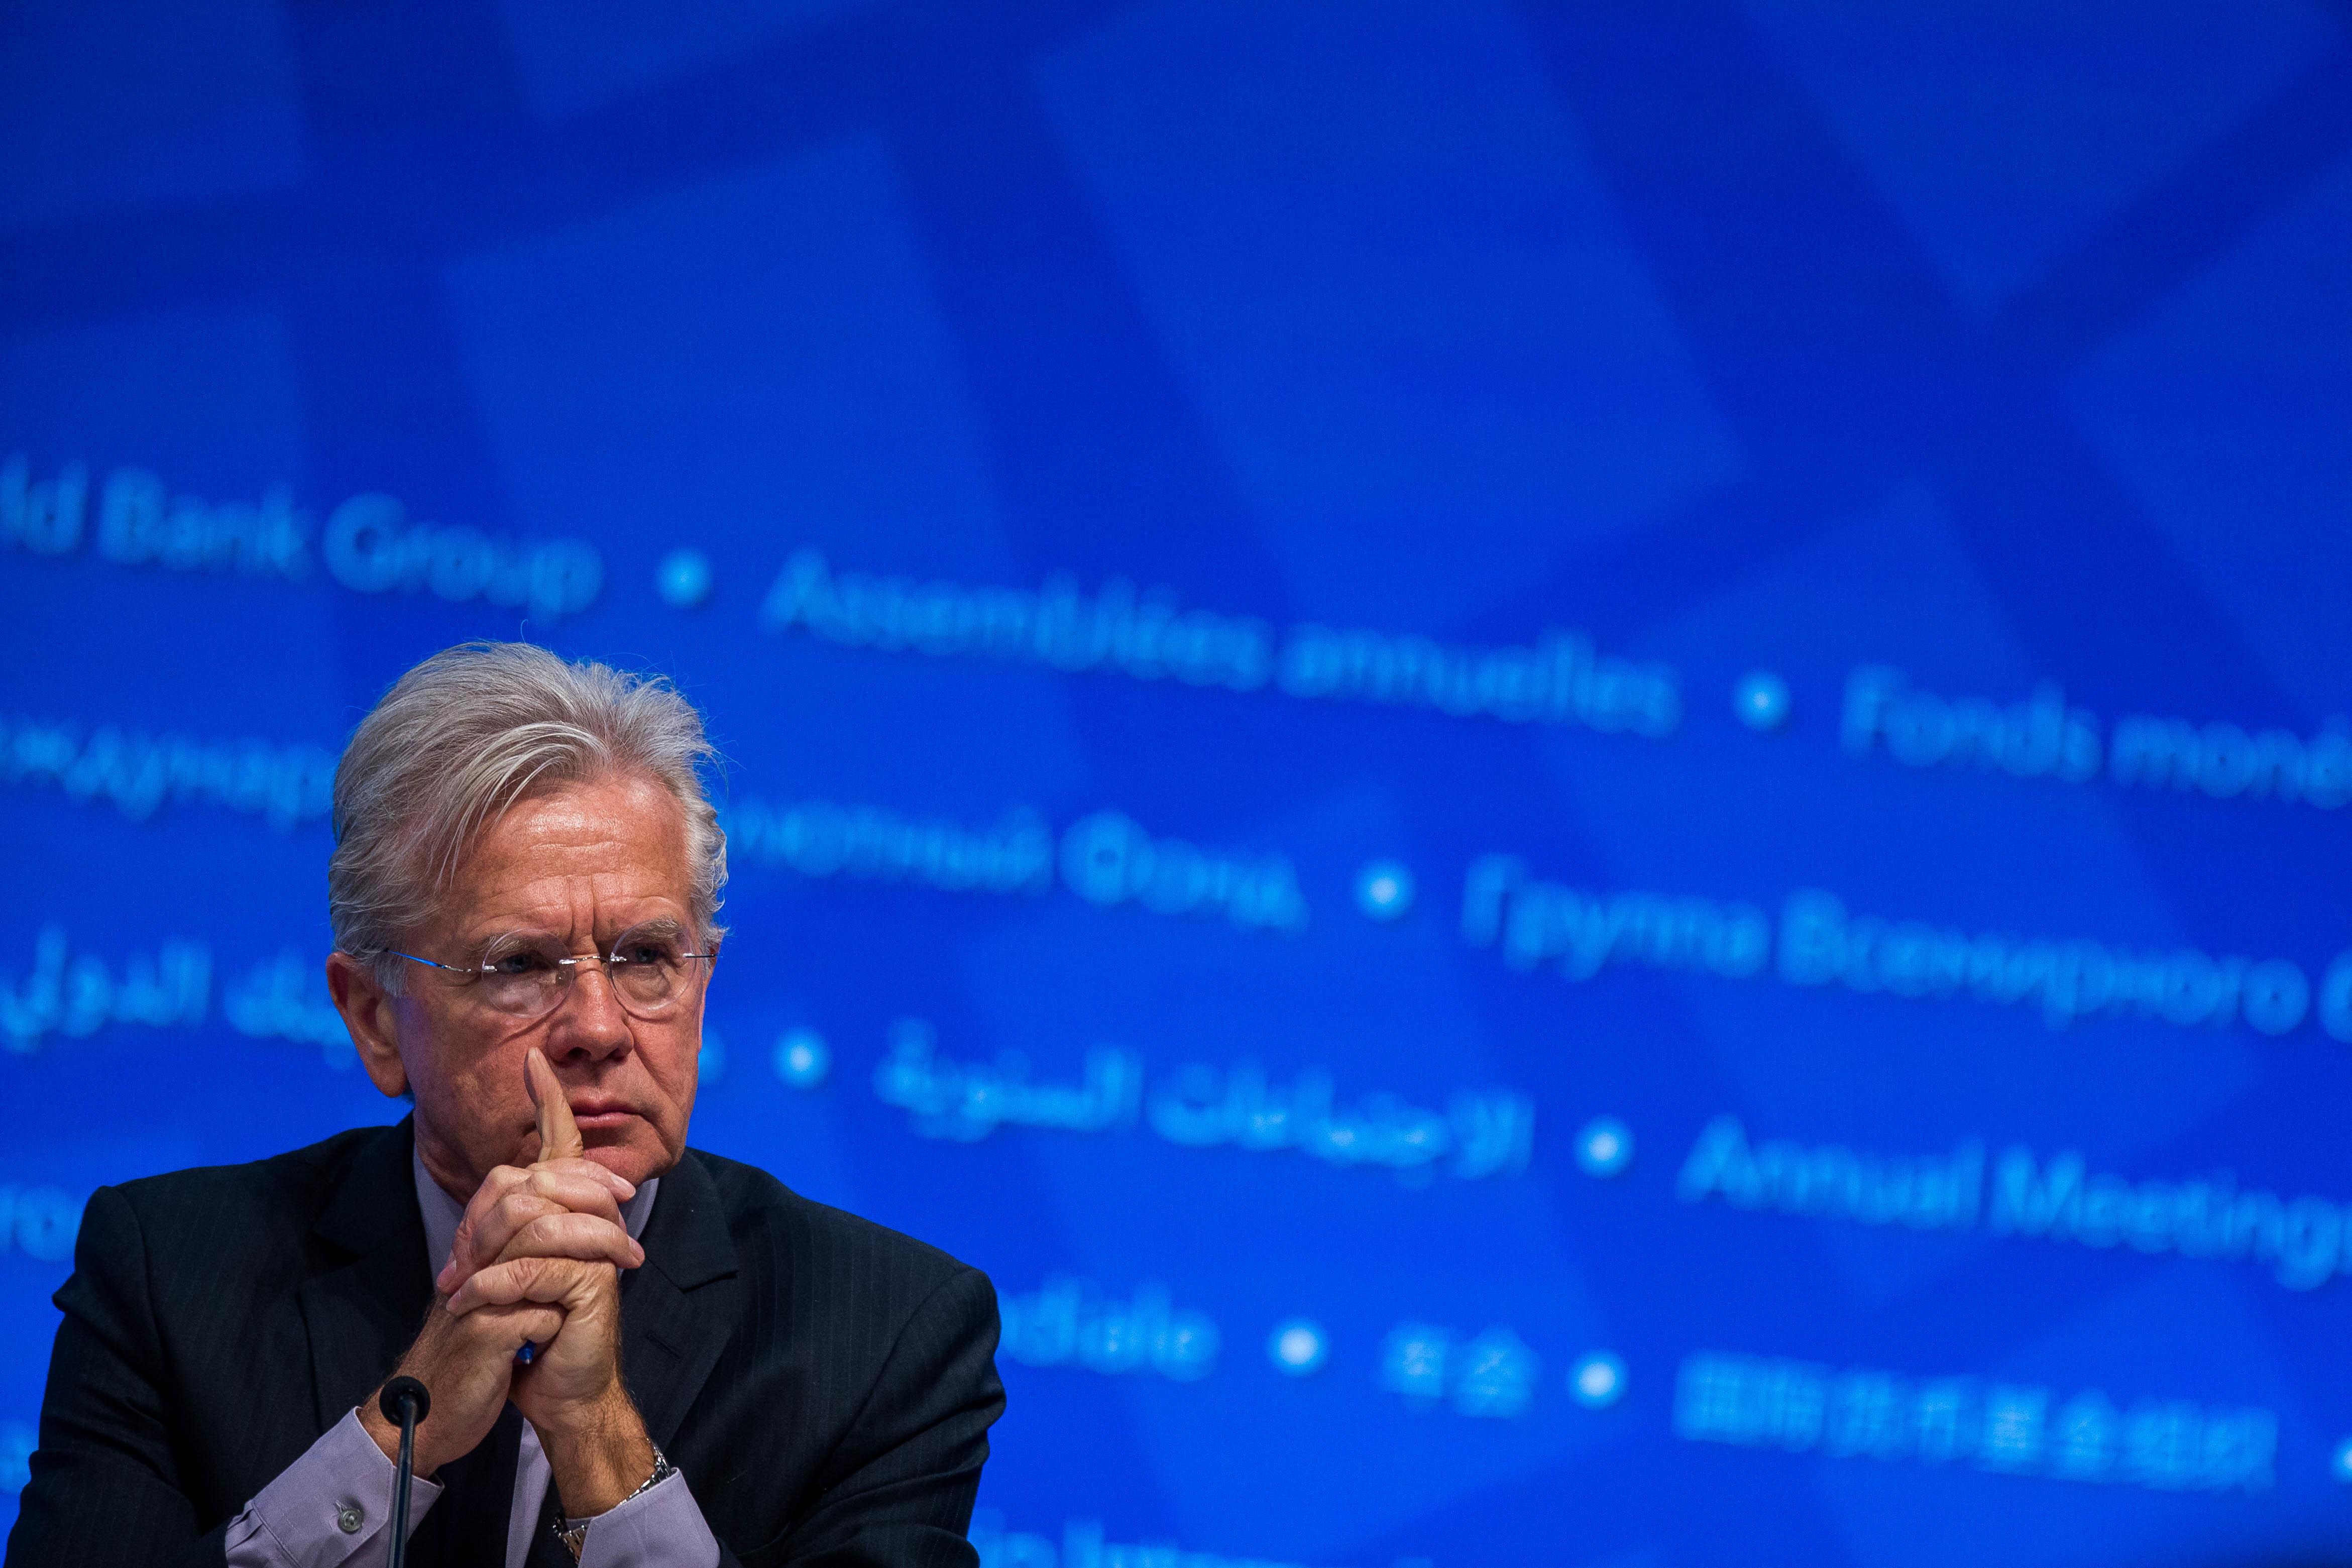 ΔΝΤ: Εργαζόμαστε για ένα θετικό αποτέλεσμα στο ζήτημα του